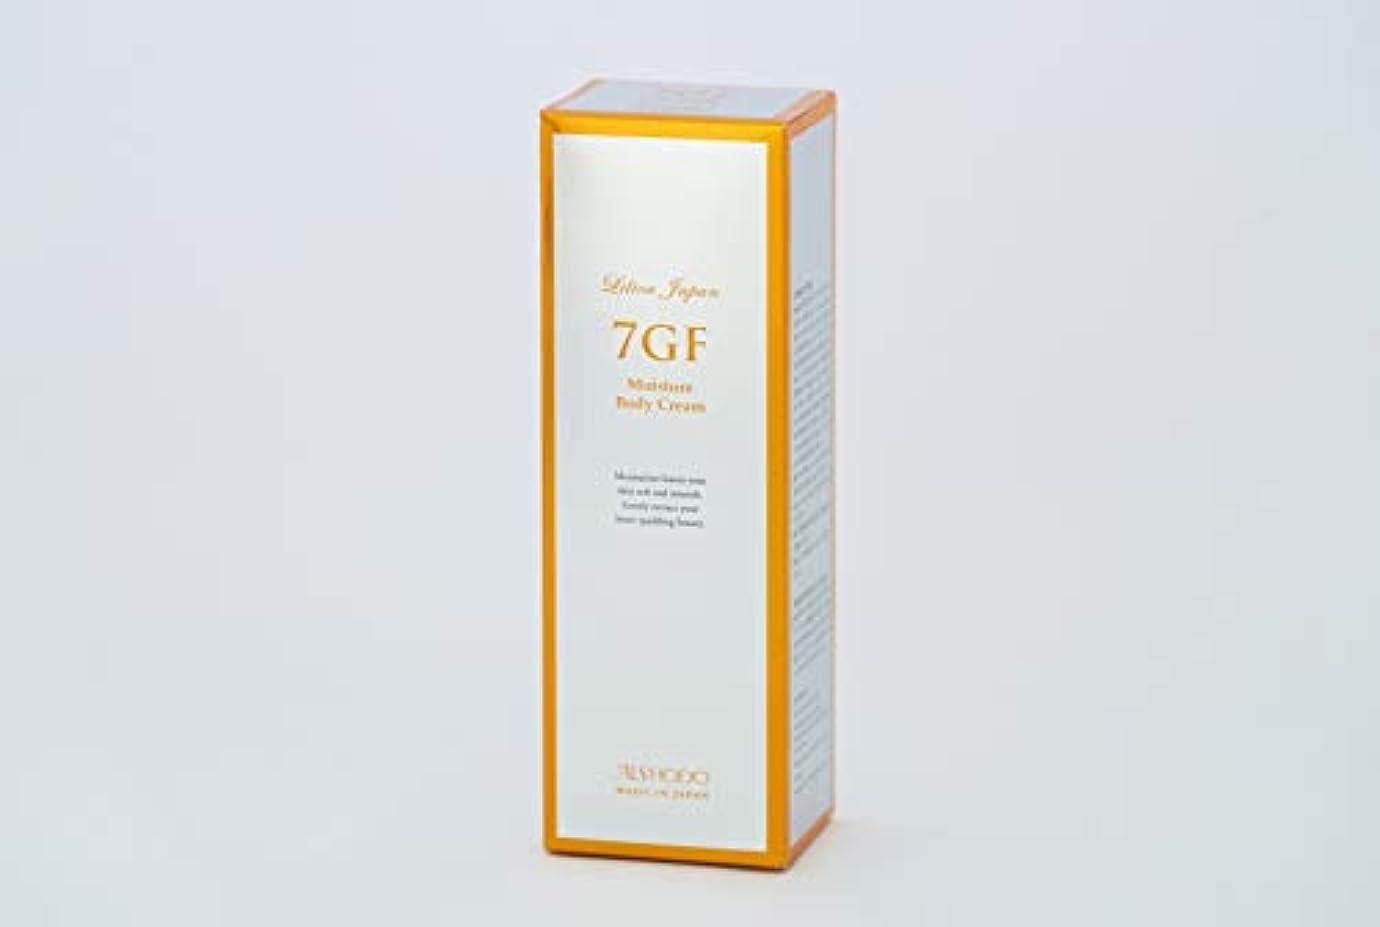 拒絶する飢え影響力のある愛粧堂 7GFモイスチャーボディクリーム 150g